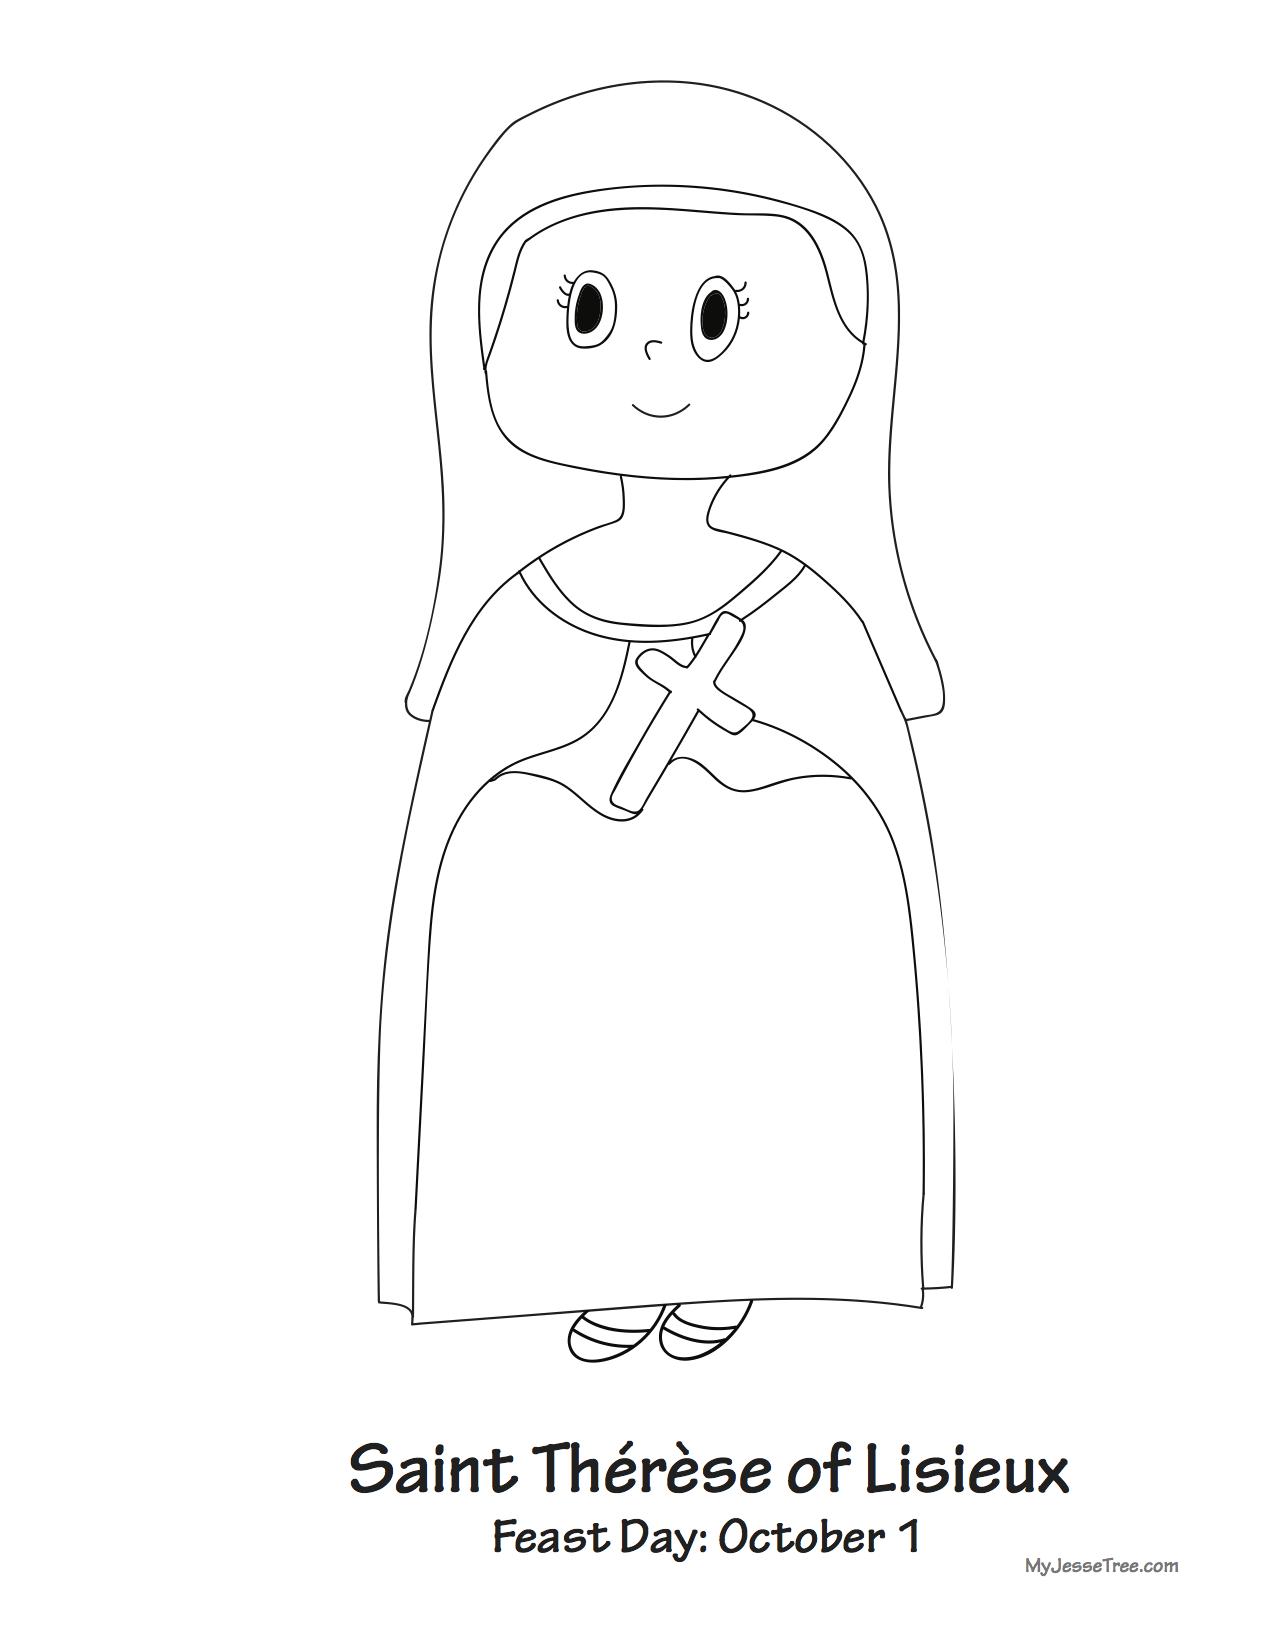 Saint Thérèse of Lisieux coloring sheet